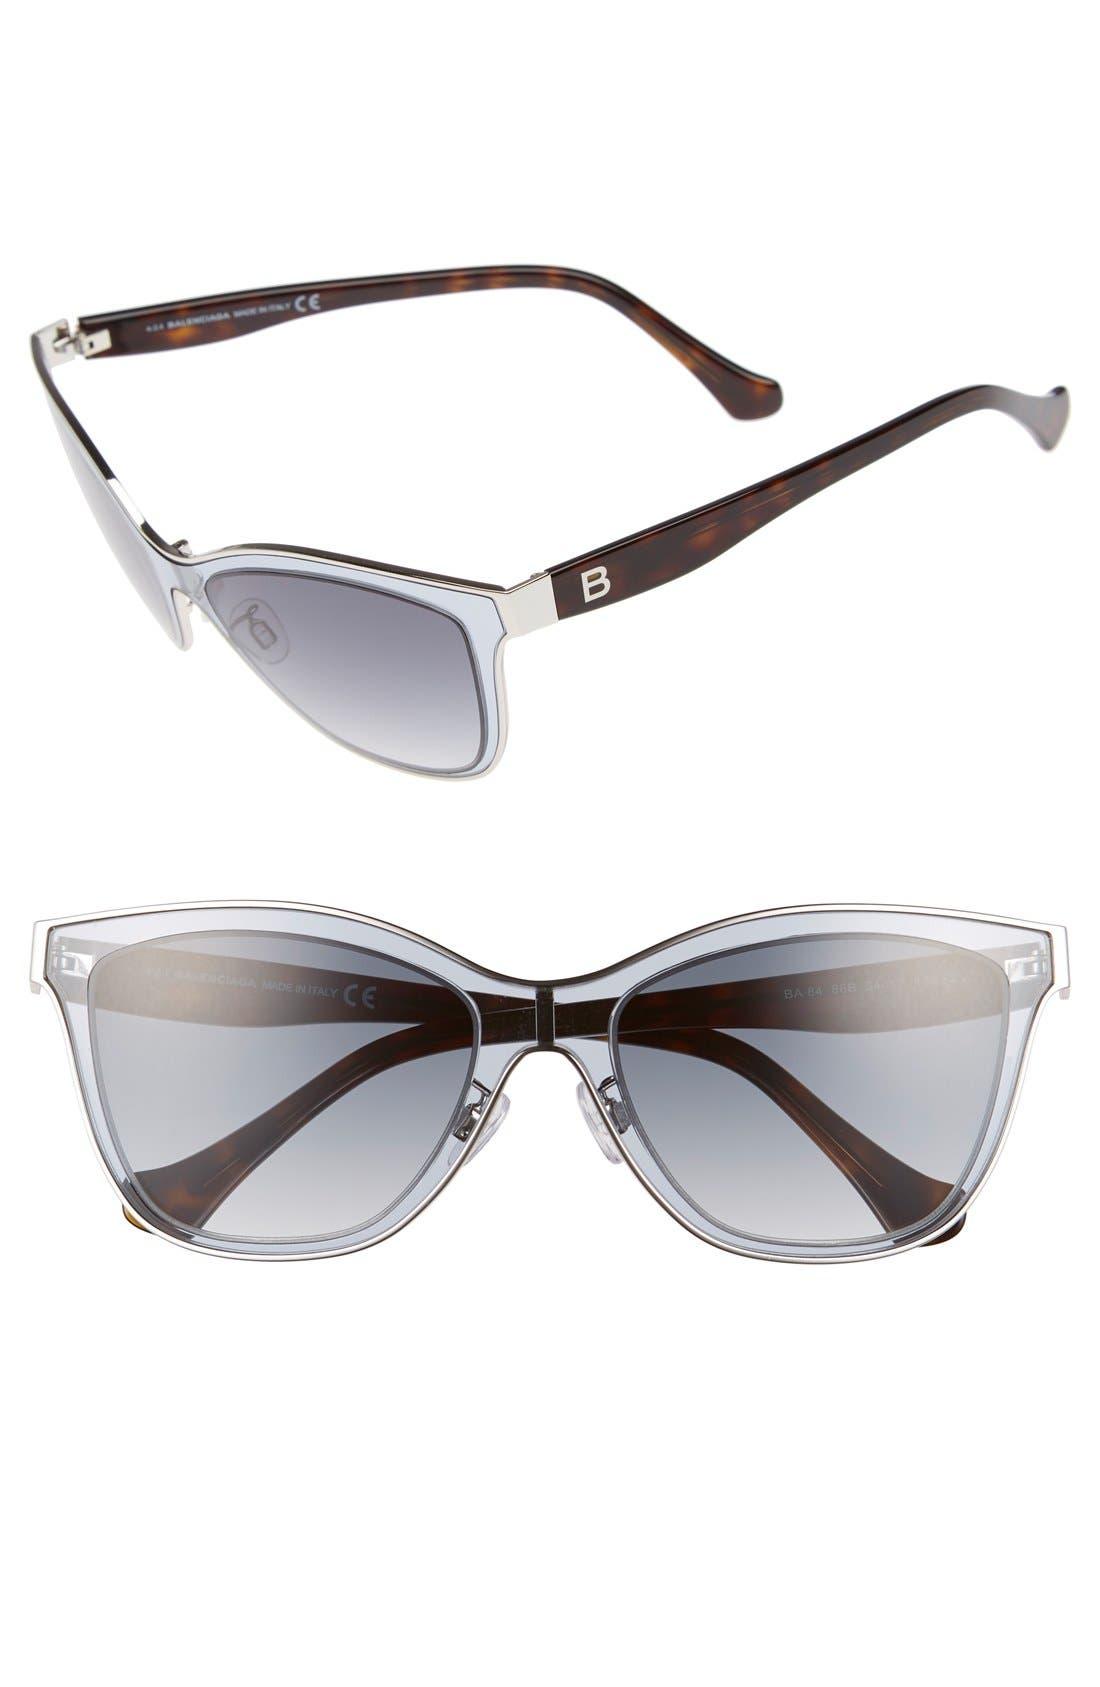 Paris 54mm Sunglasses,                         Main,                         color, 040